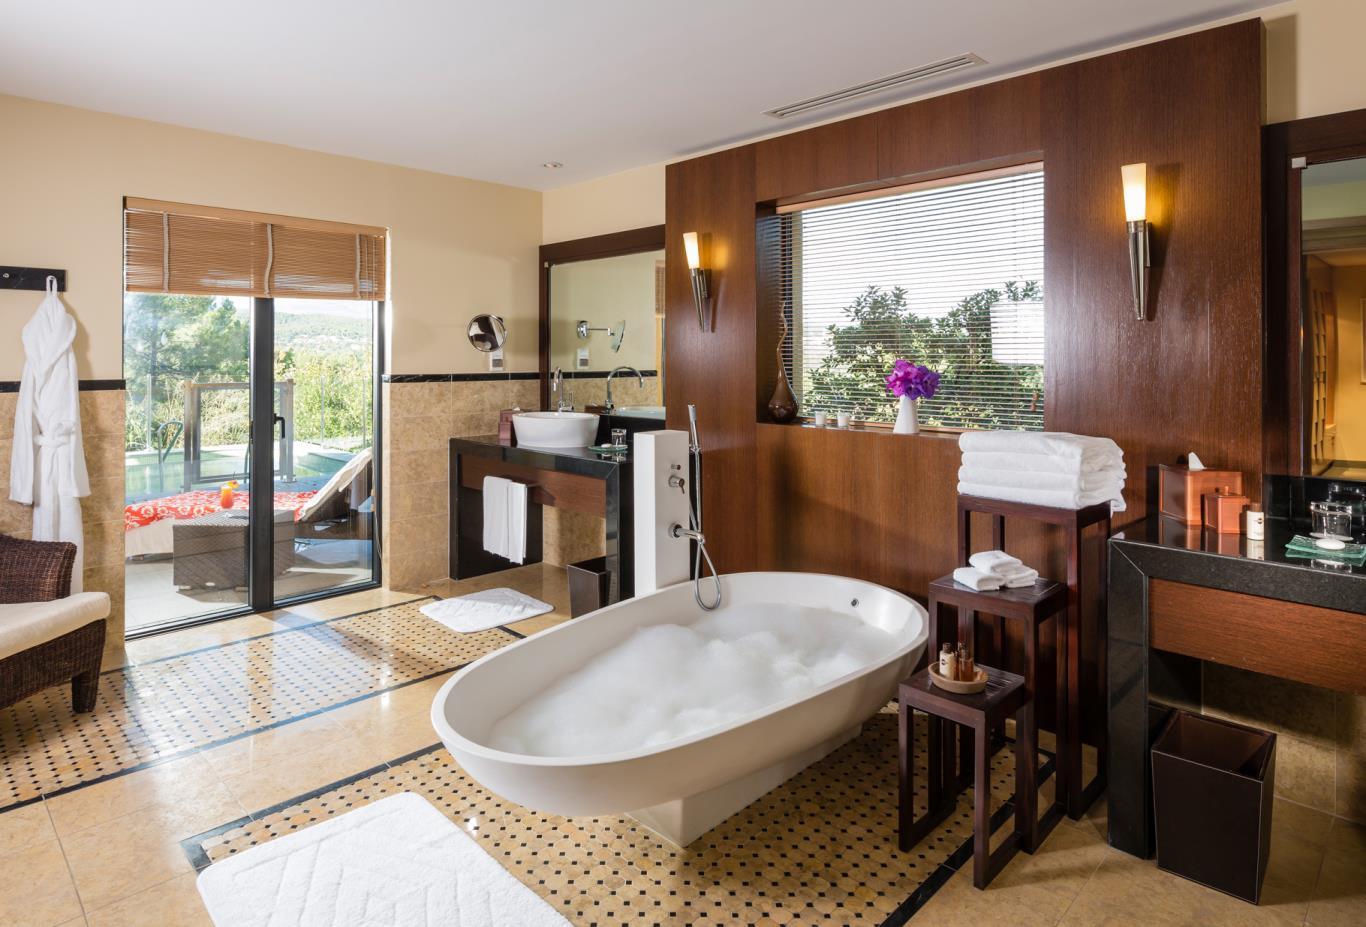 villa-terre-blanche-bathroom